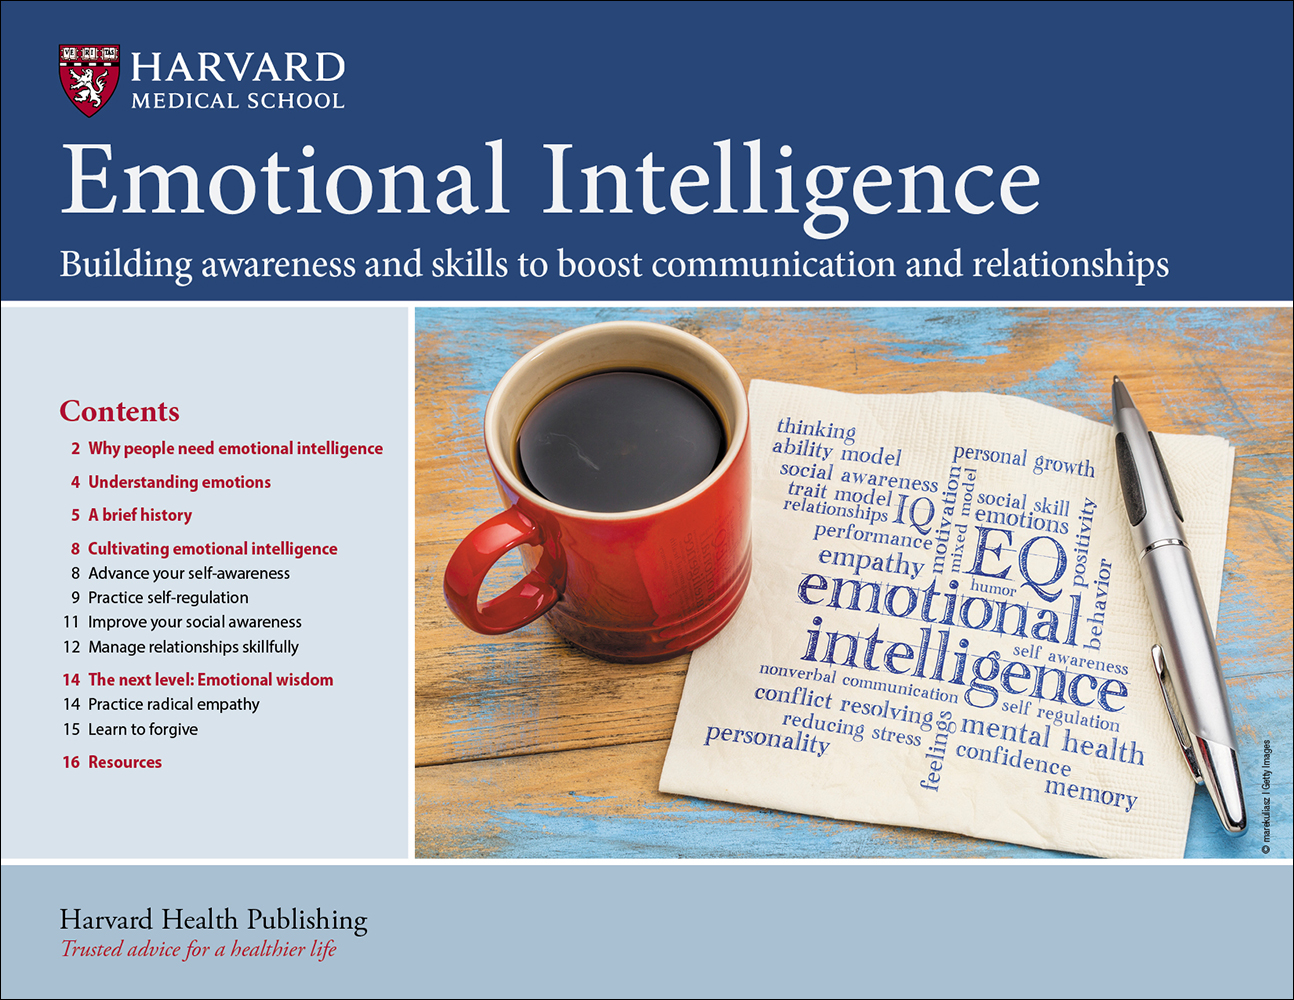 EmotionalIntelligence_EMIN0121_Cover